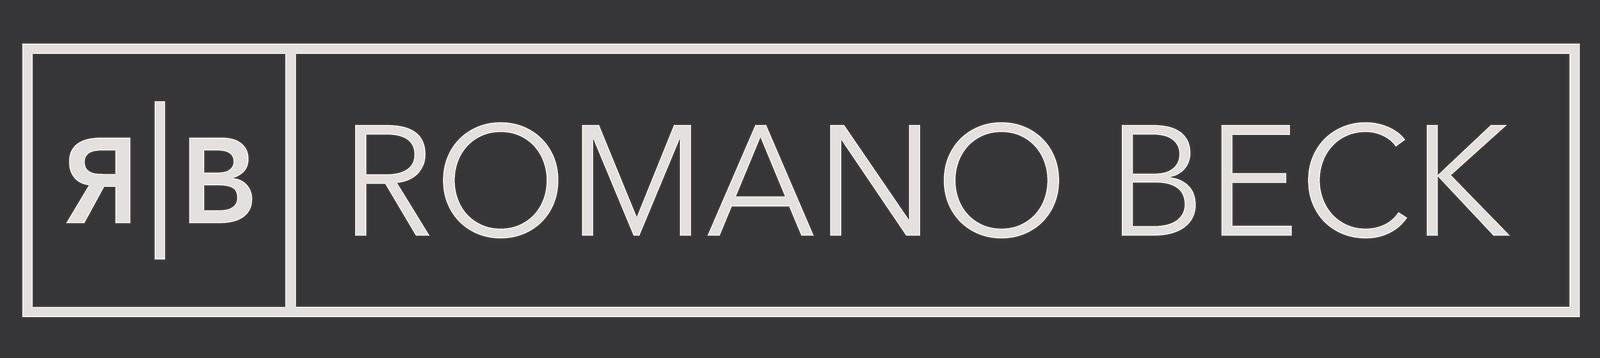 Romano Beck logo